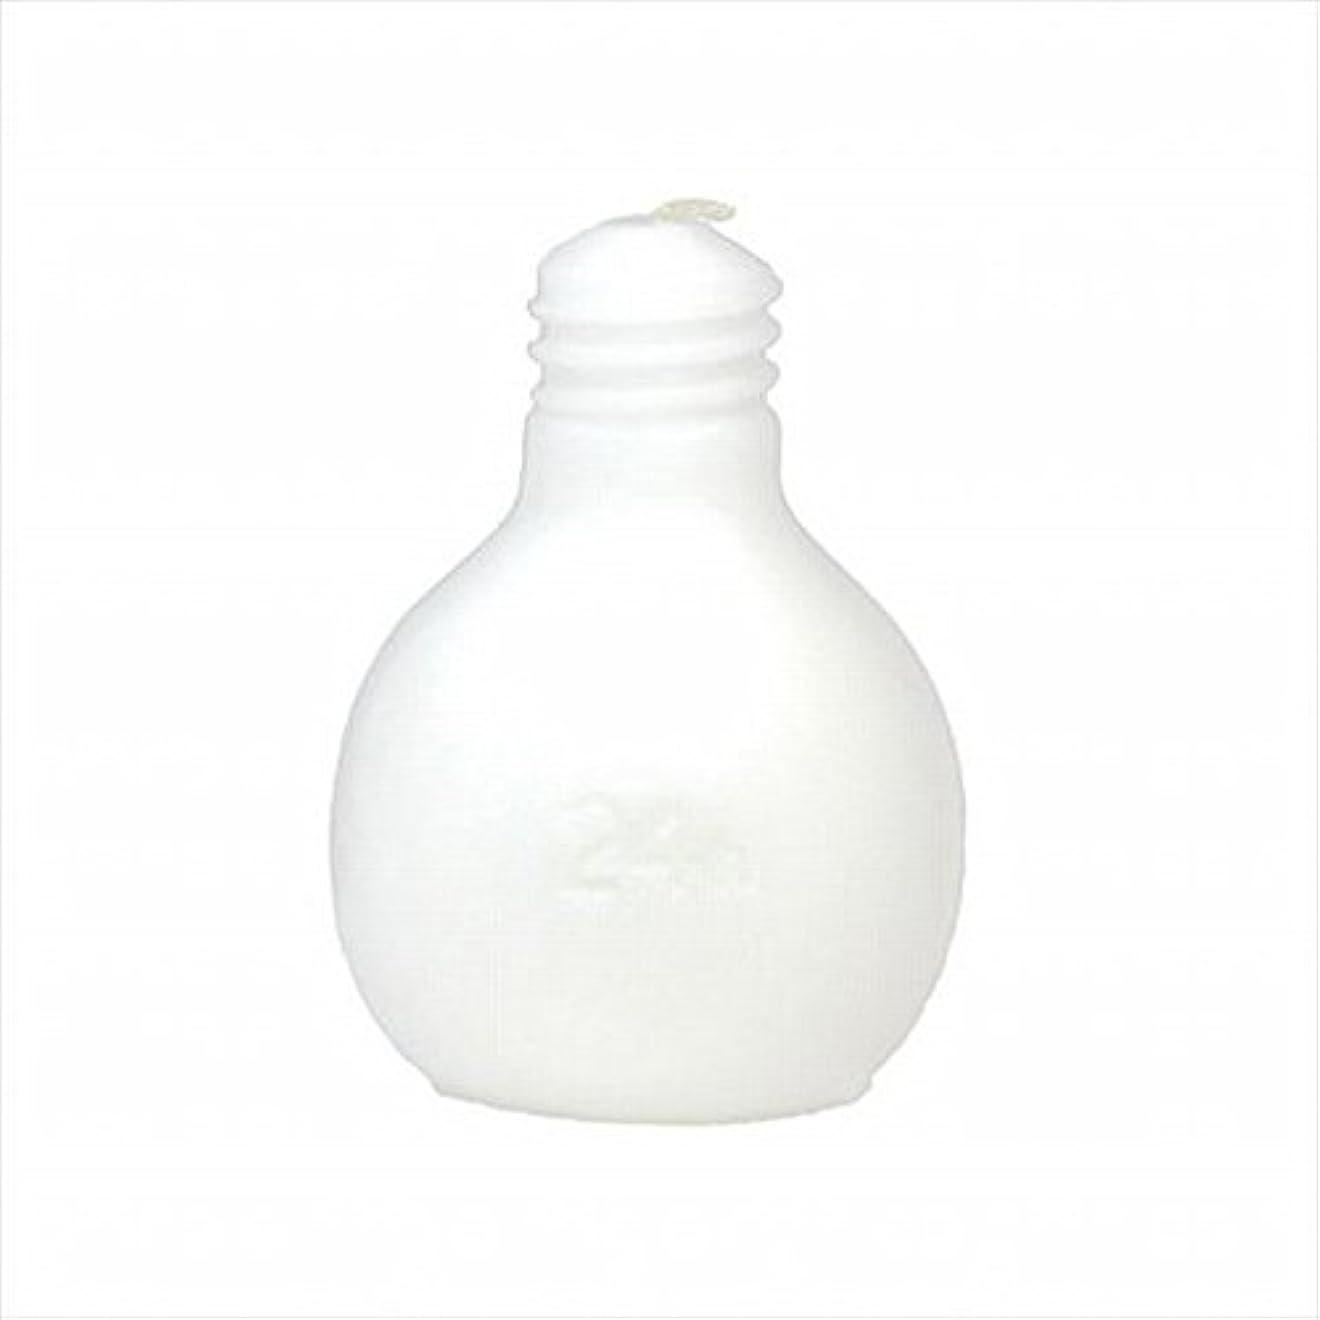 めまい強盗一時停止kameyama candle(カメヤマキャンドル) 節電球キャンドル 「 ホワイト 」 キャンドル 75x75x98mm (A4220000W)